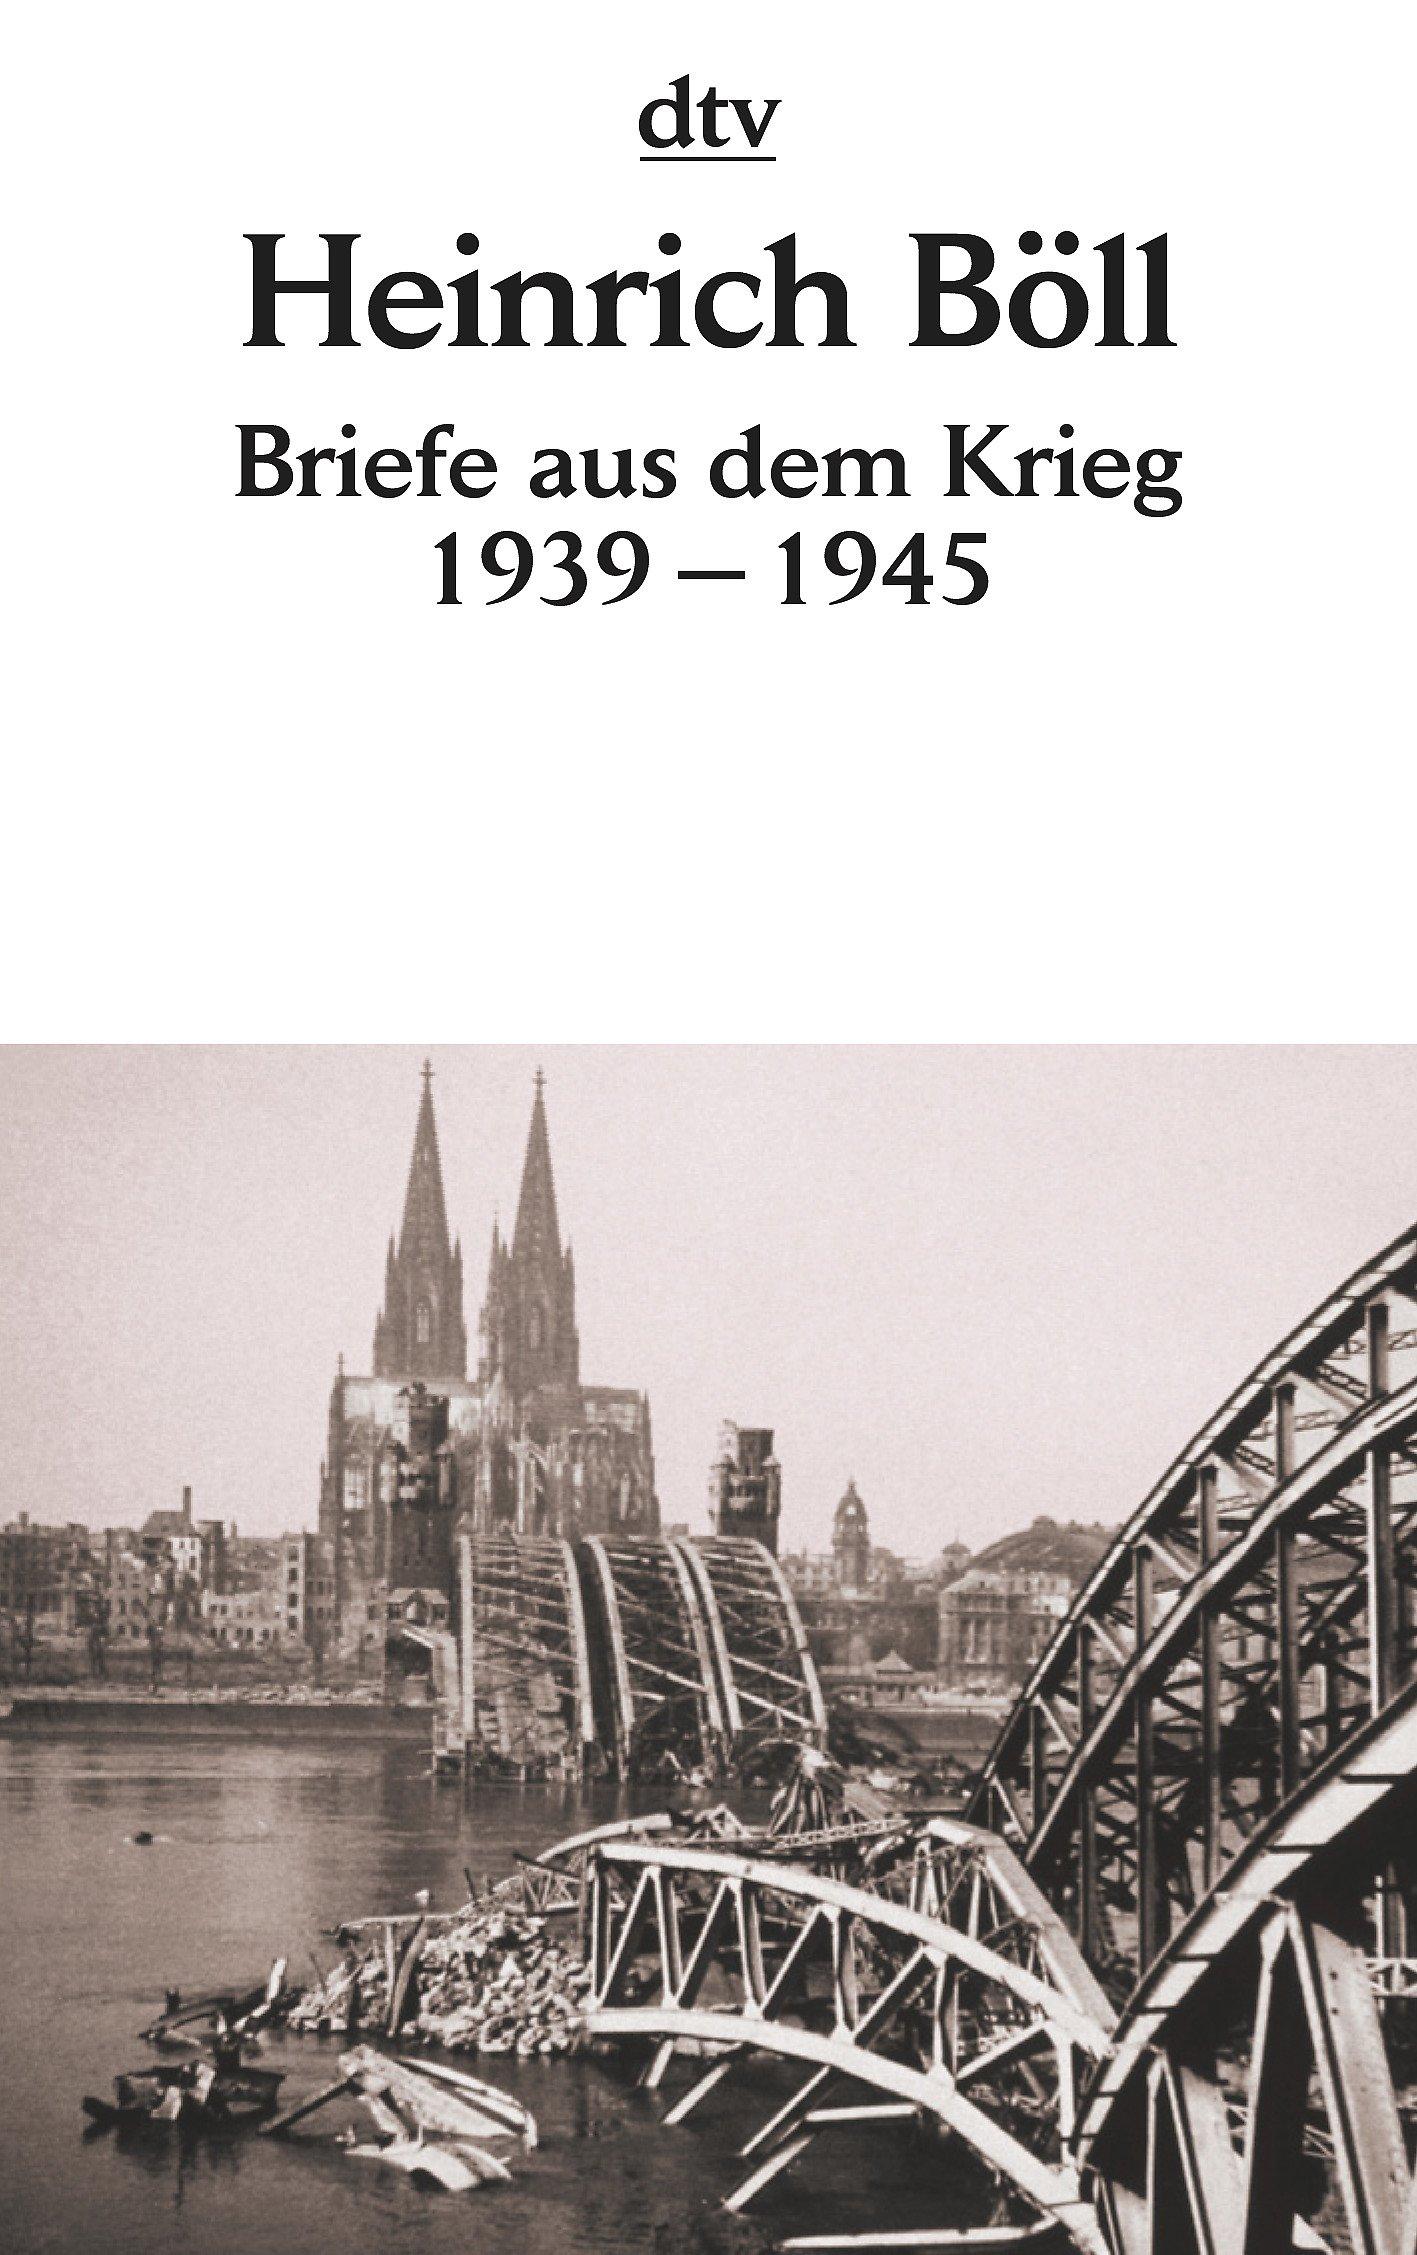 briefe-aus-dem-krieg-1939-1945-2-bnde